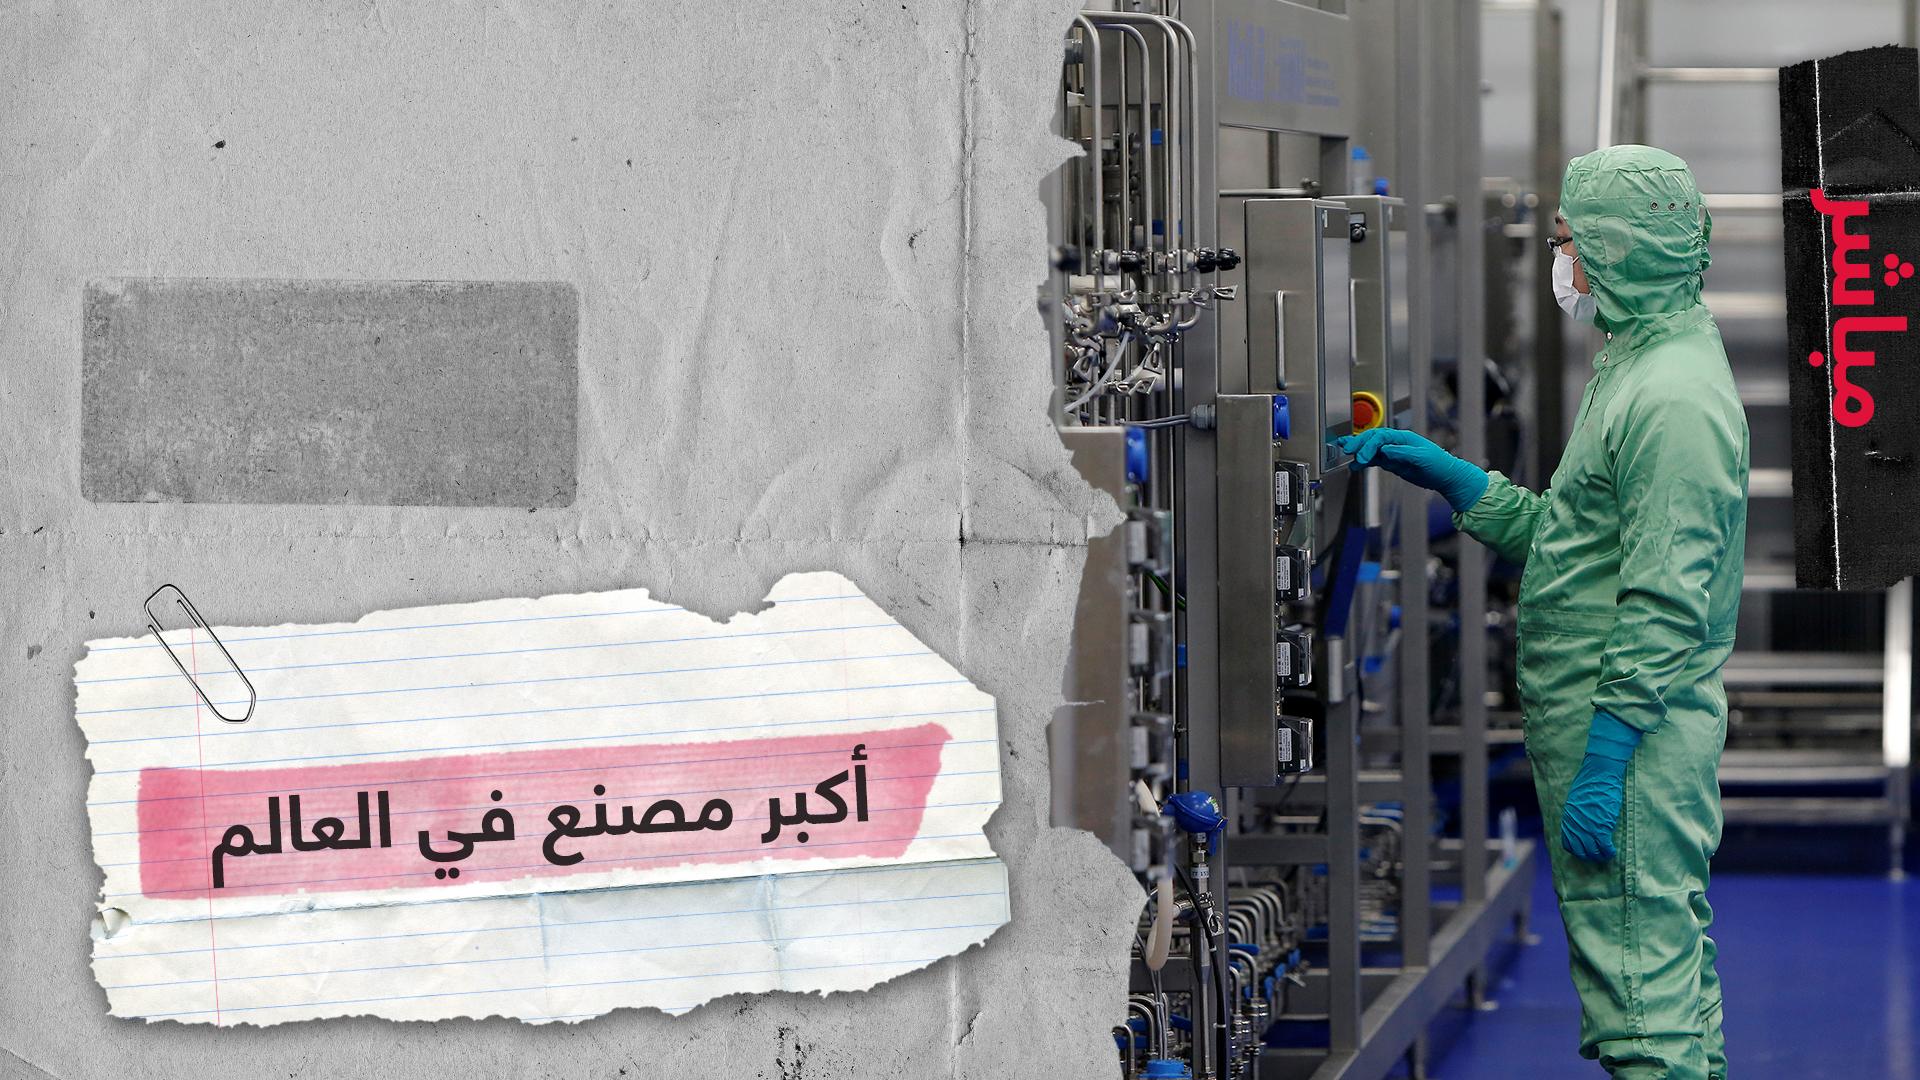 شركة صينية تبني أكبر مصنع بالعالم لإنتاج 100 مليون لقاح لكورونا سنويا